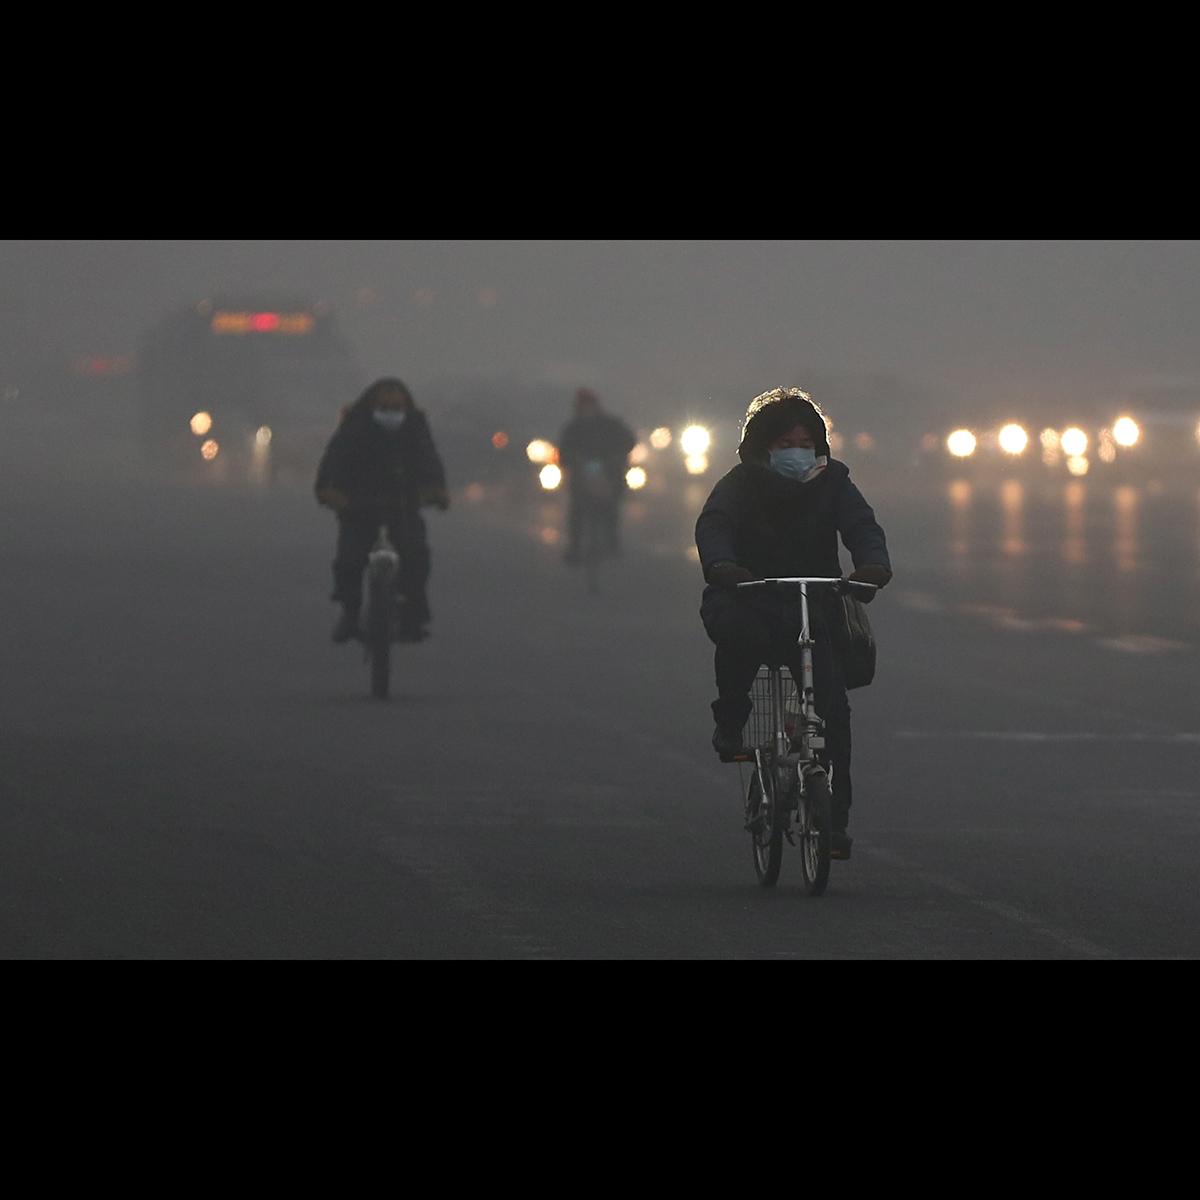 Çin'in hava kirliliği mücadelesi